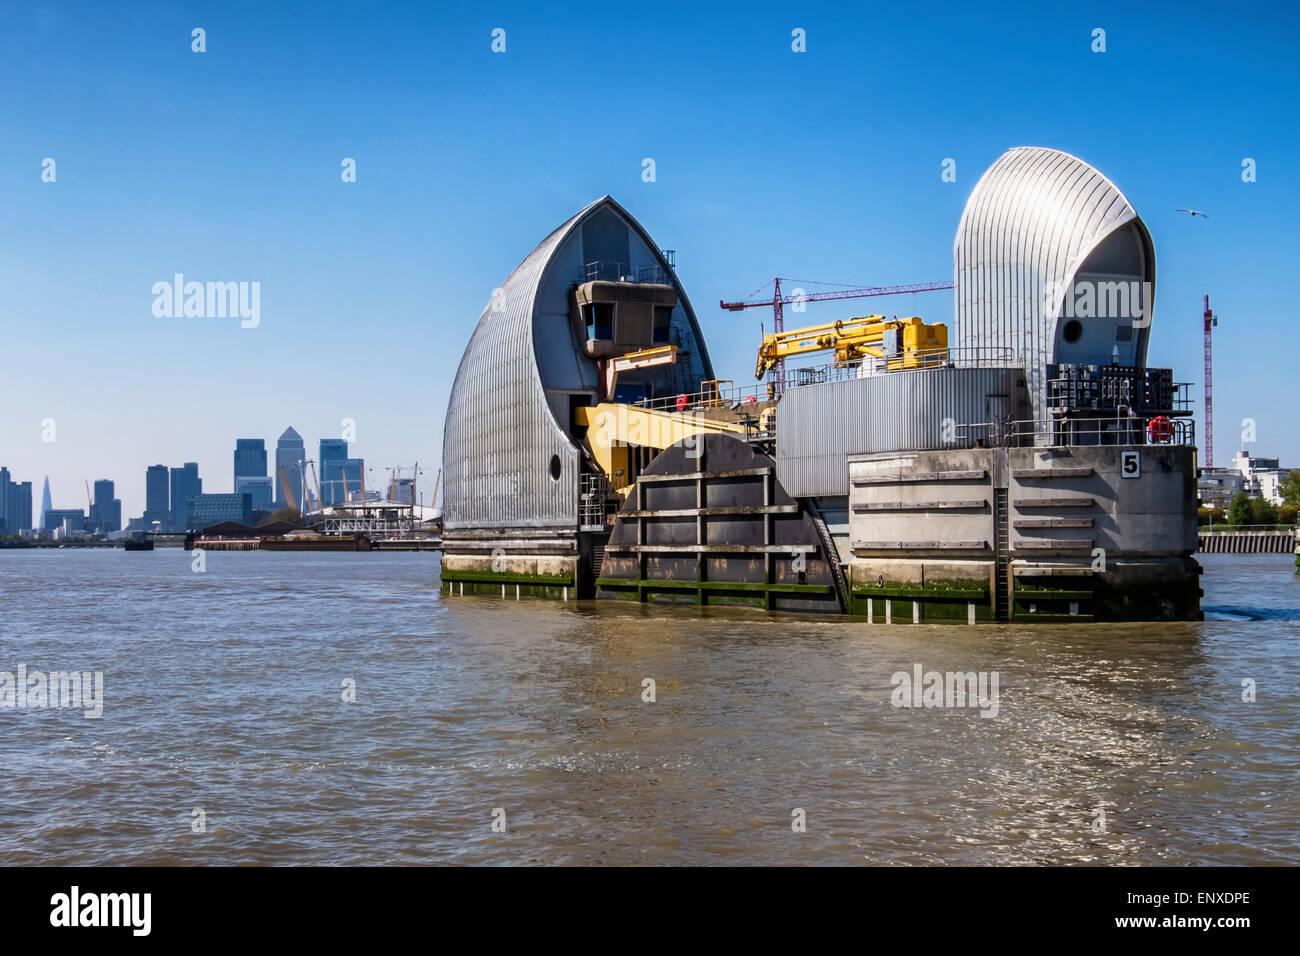 Einzigen Fluss Thames Barrier Hochwasserabwehr schützt die Hauptstadt vor Überschwemmungen durch Hochwasser Stockbild